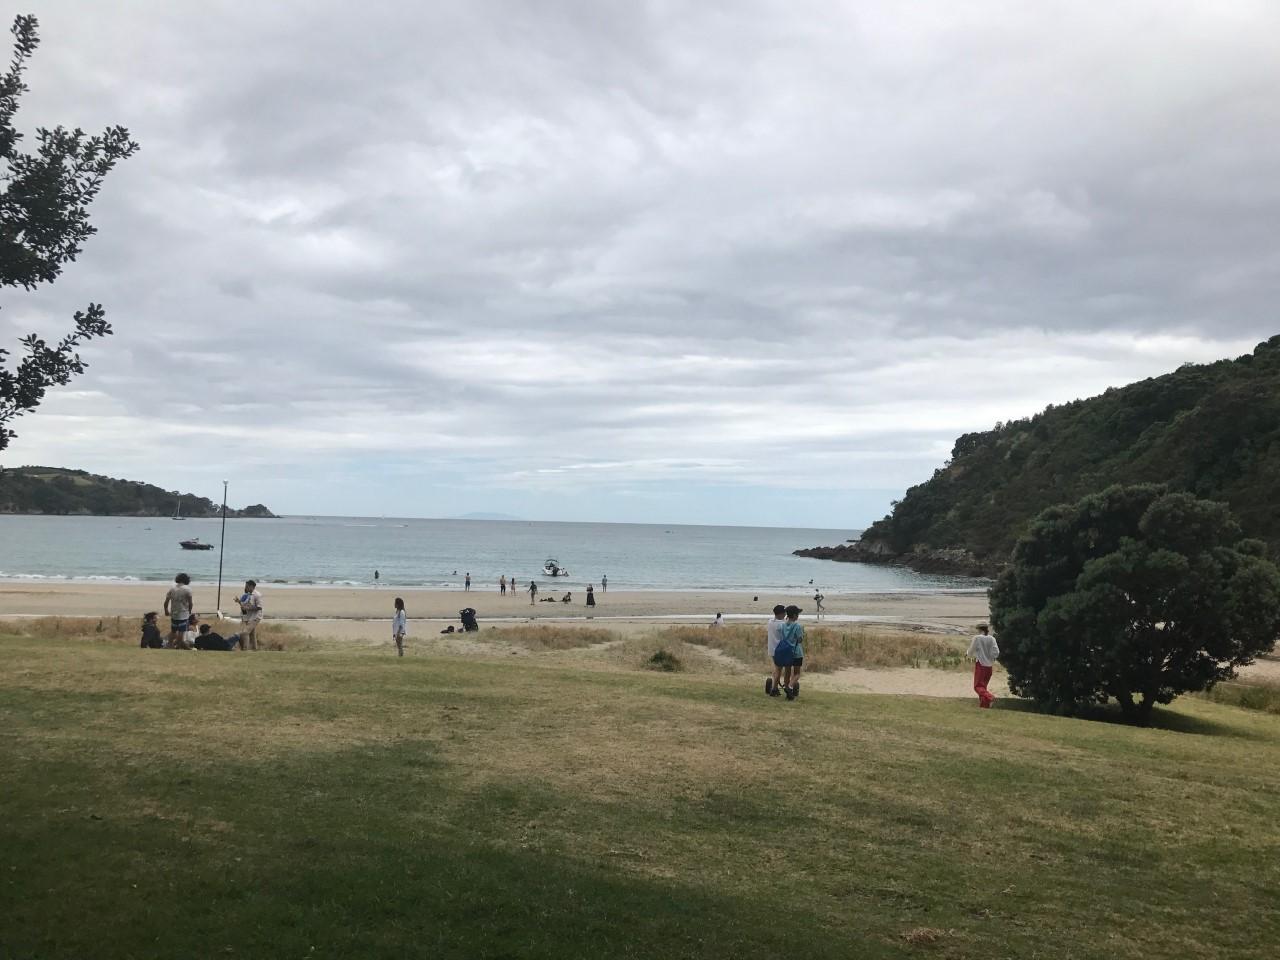 Little Oneroa Beach on Waiheke Island